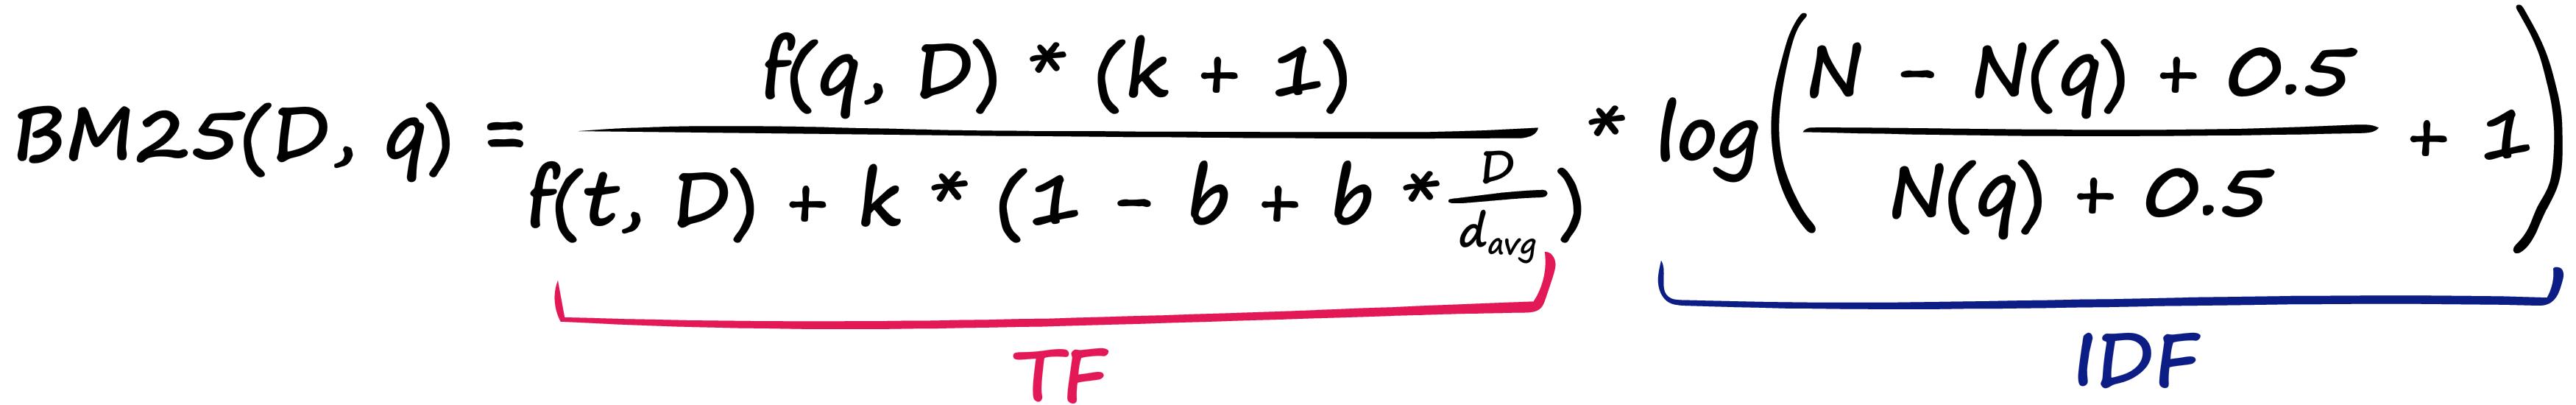 The BM25 formula.